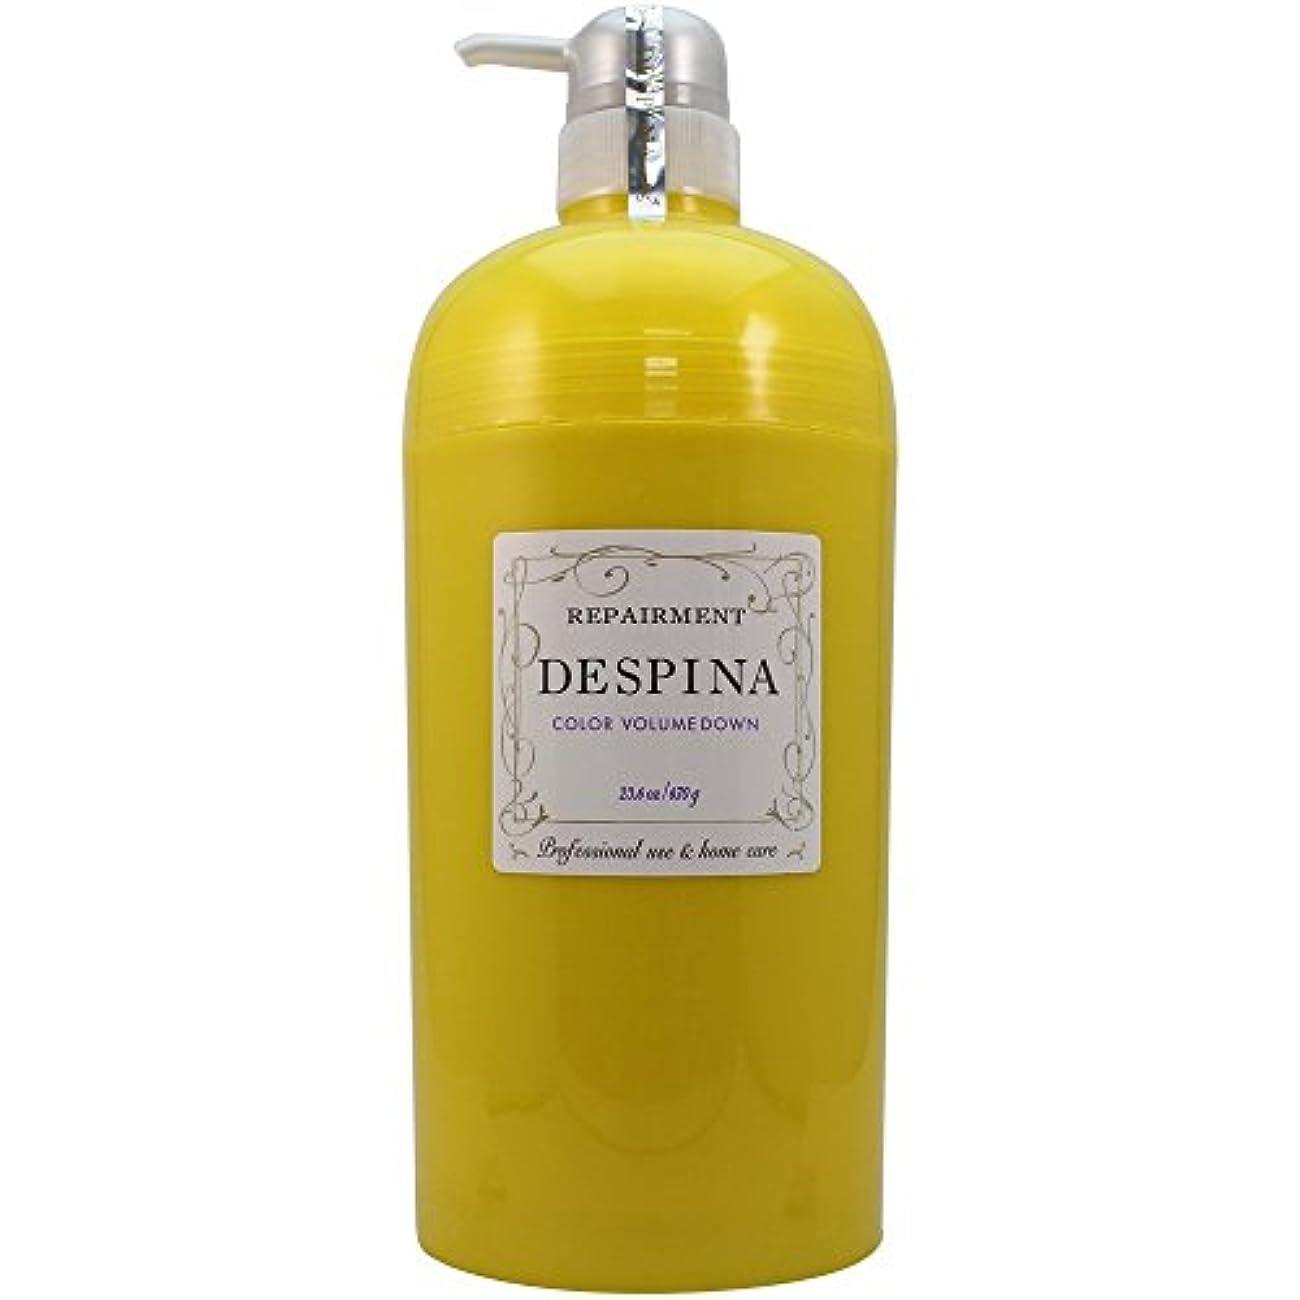 統治可能豊富な地域の中野製薬 デスピナ リペアメント カラー ボリュームダウン 670g